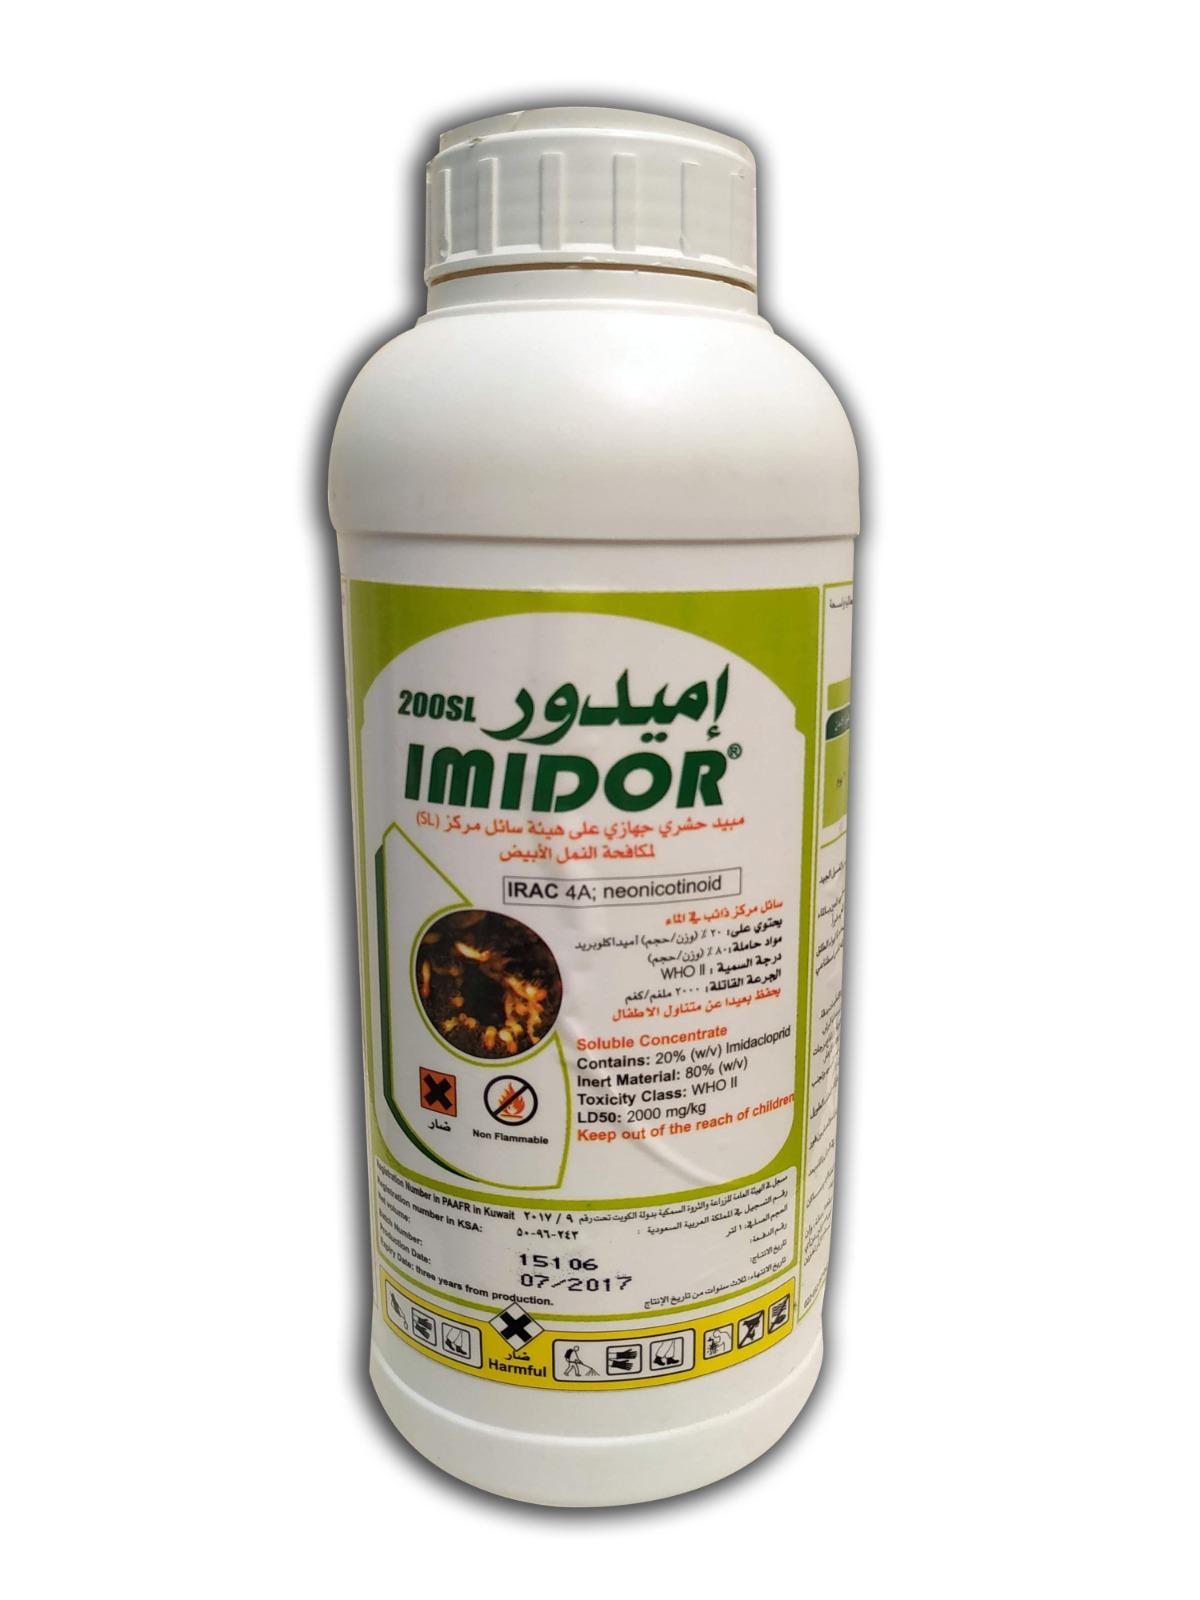 Imidor Soil Fertilizer Pesticide